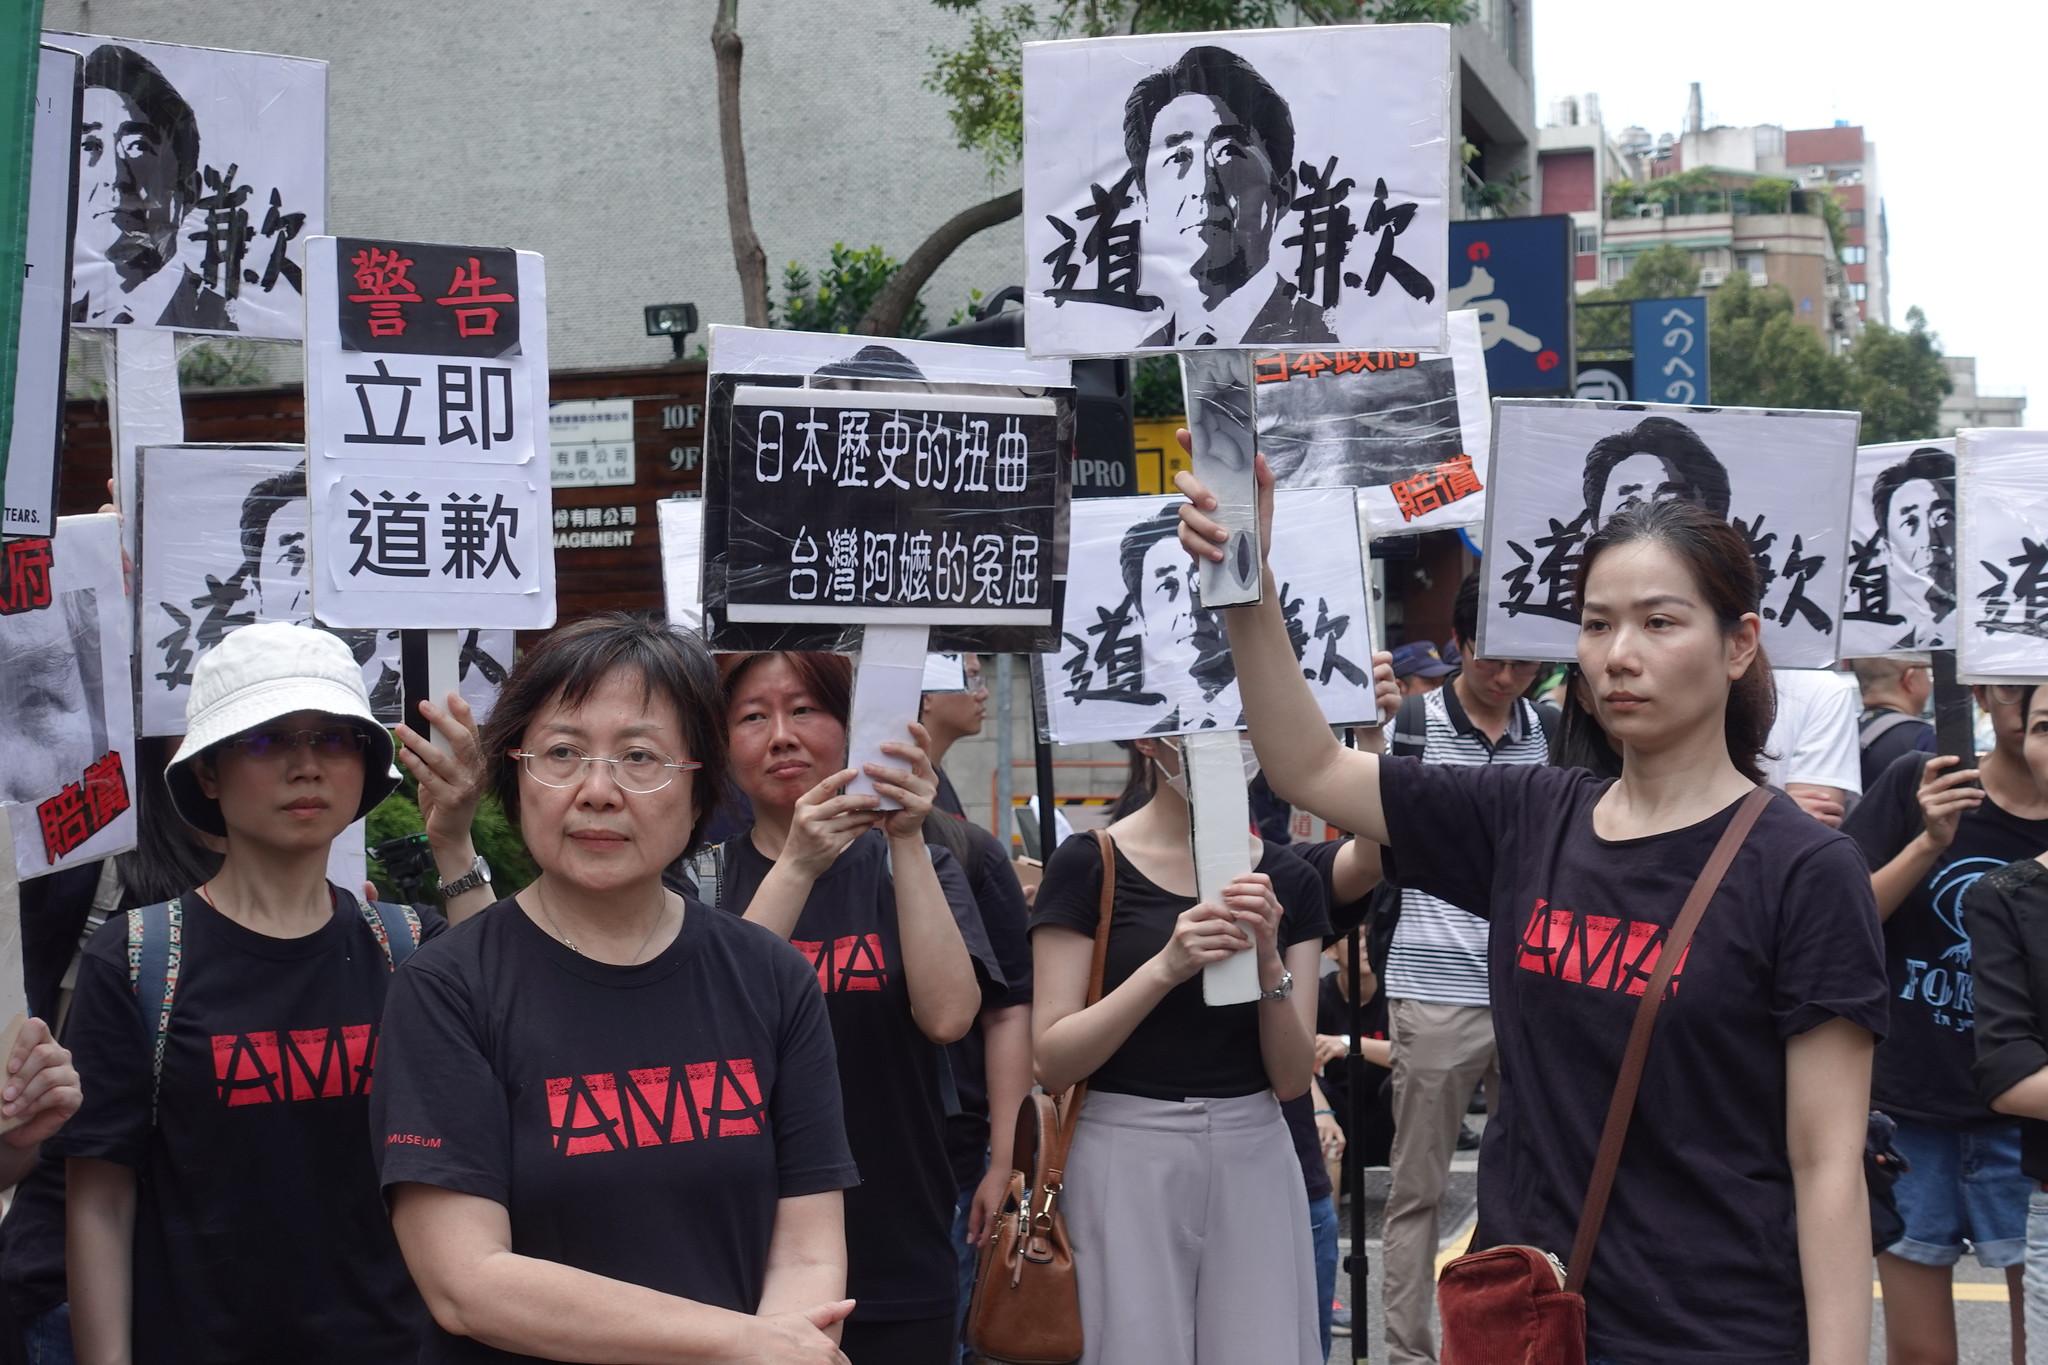 民團宣示將努力把慰安婦歷史傳下去,並堅持等到日本政府道歉。(攝影:張智琦)